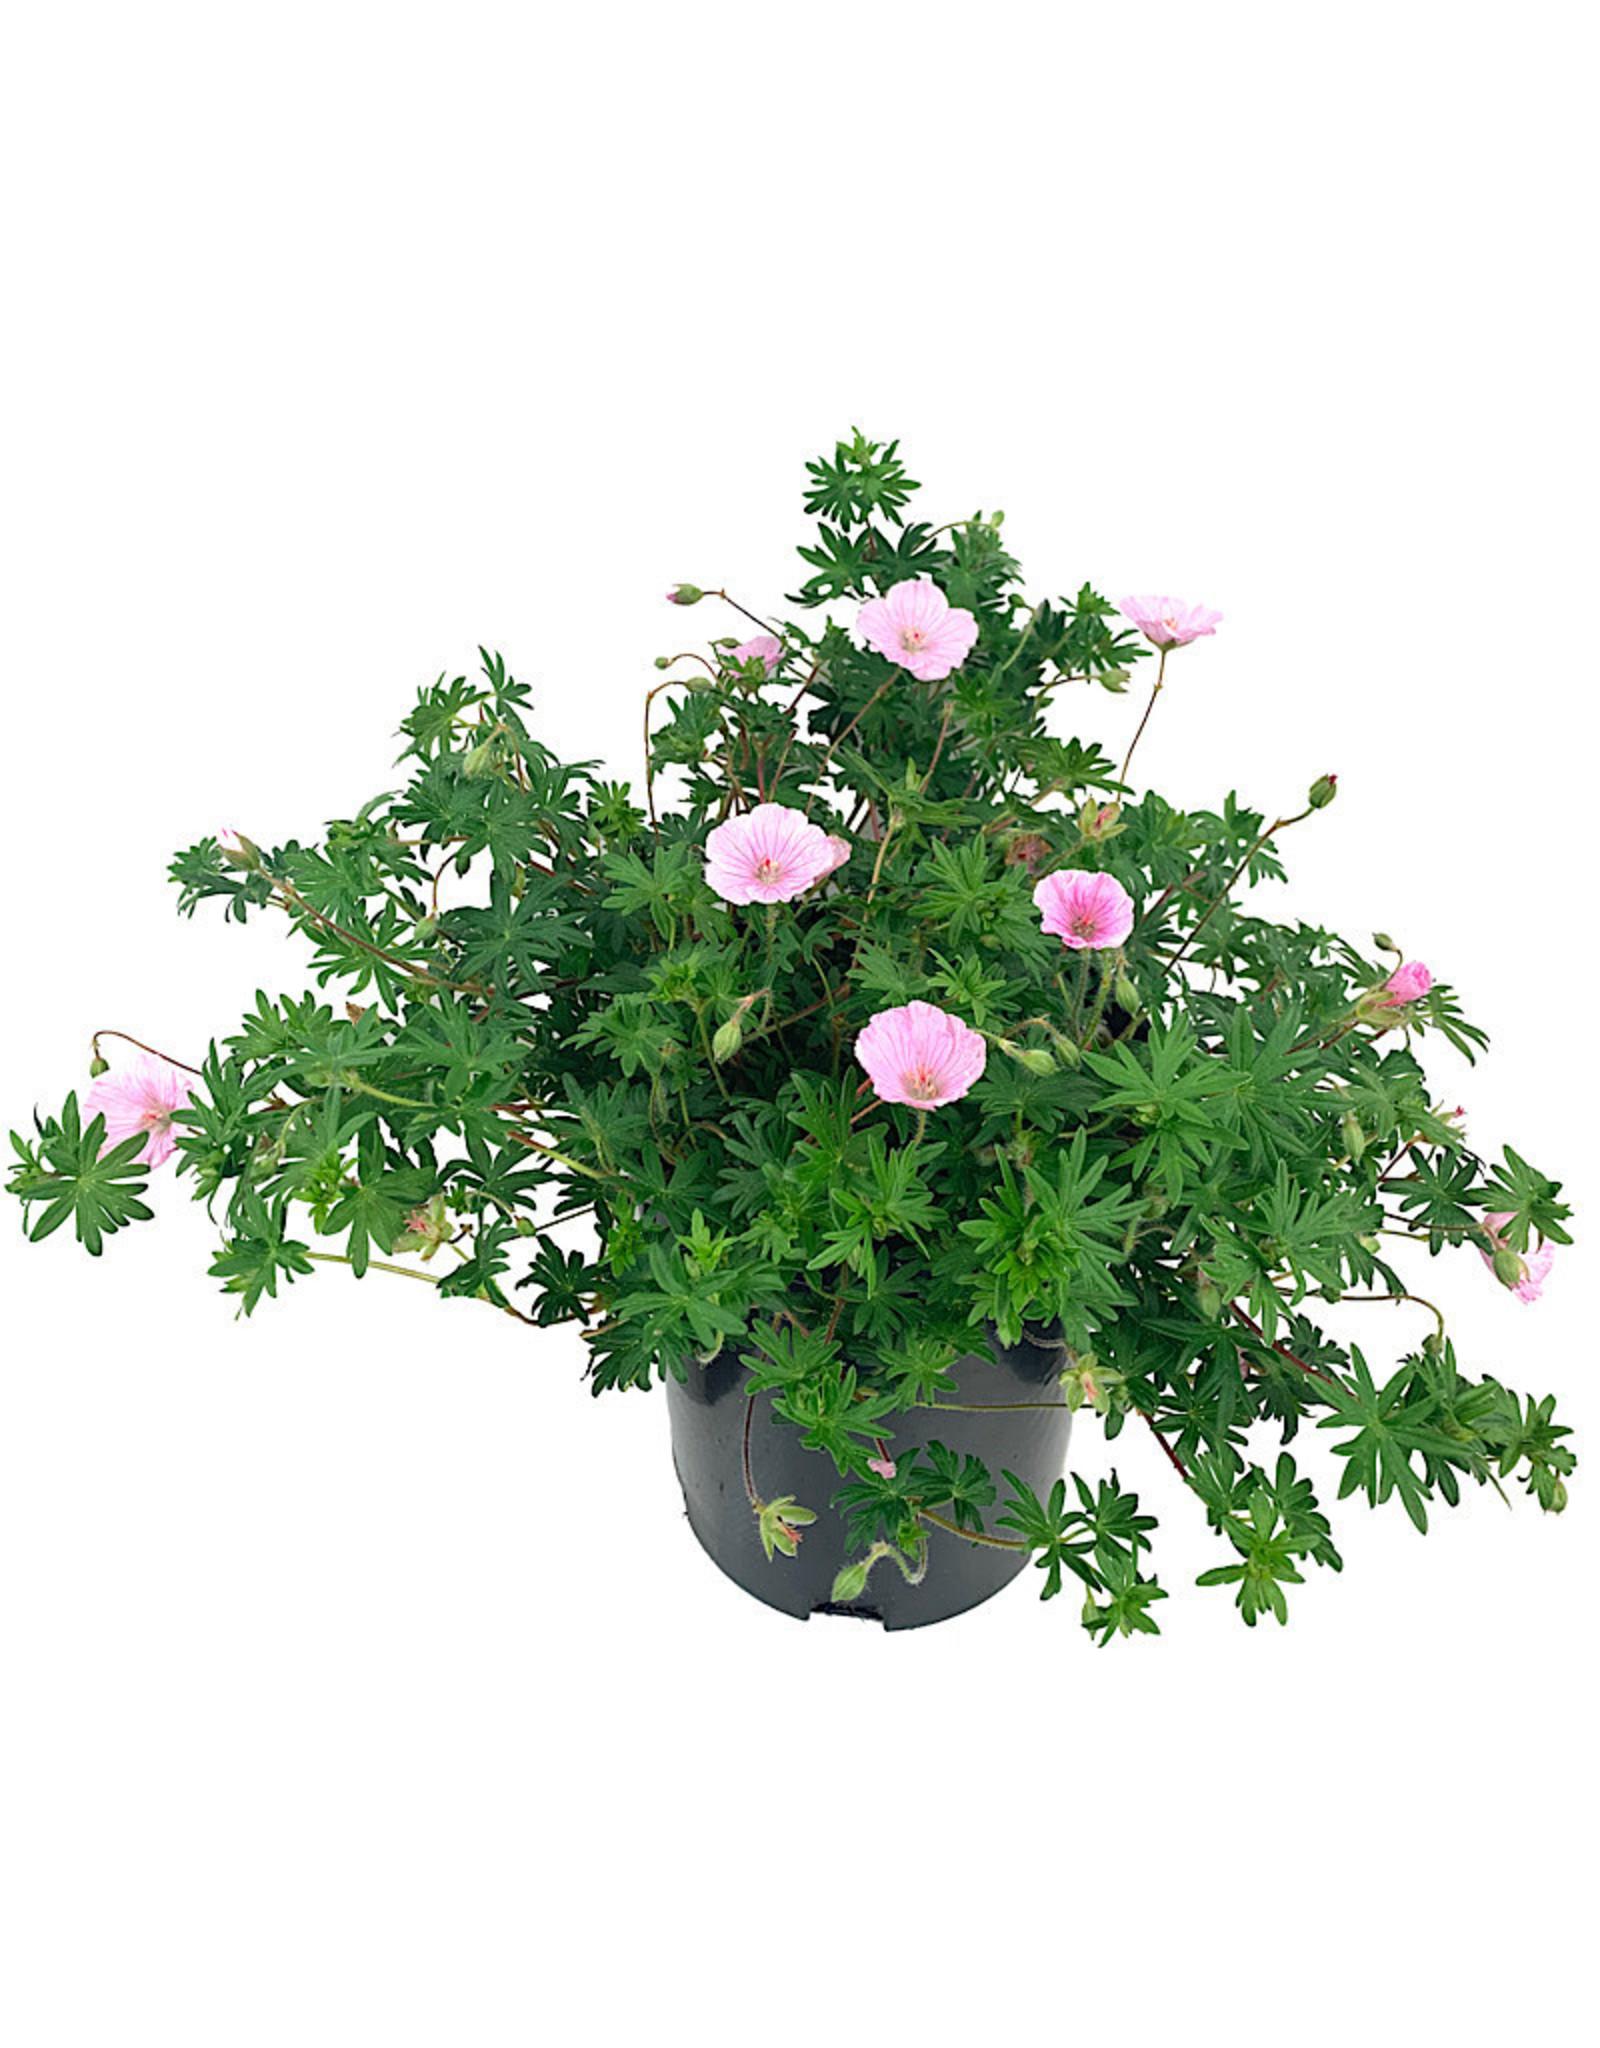 Geranium 'Apfelblute' 1 Gallon